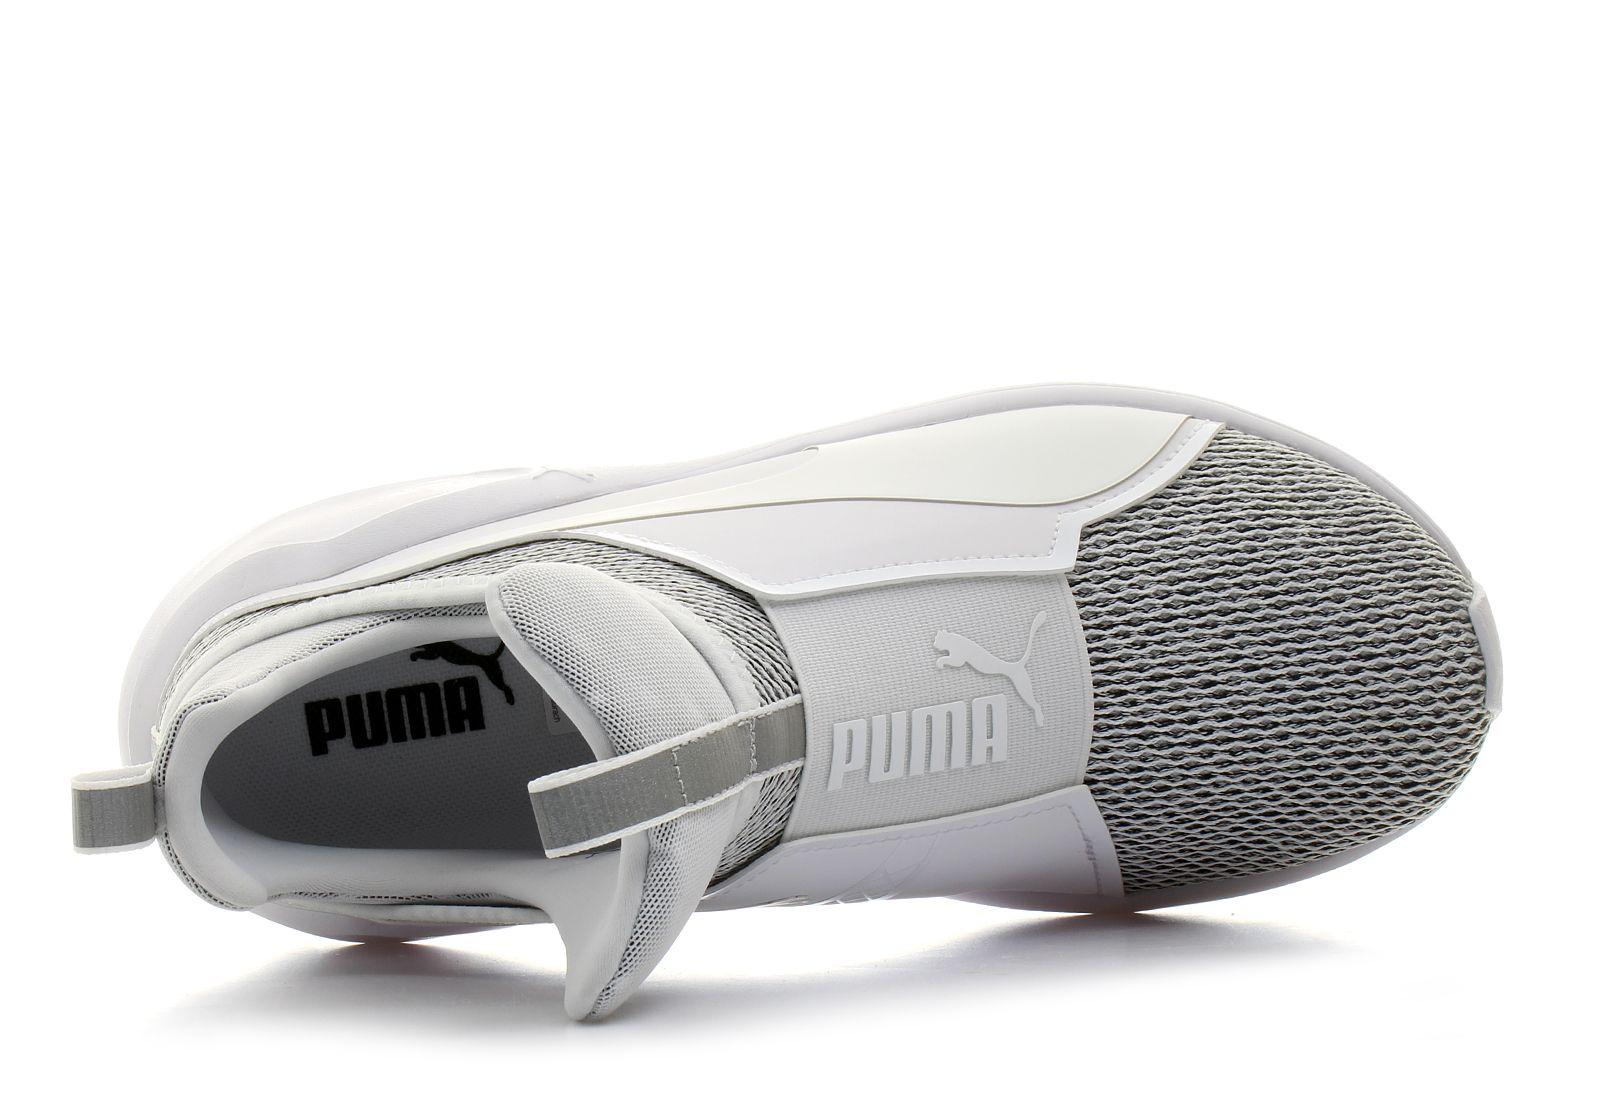 9d0e1be68270 Puma Shoes - Fierce Knit - 19030302-wht - Online shop for sneakers ...